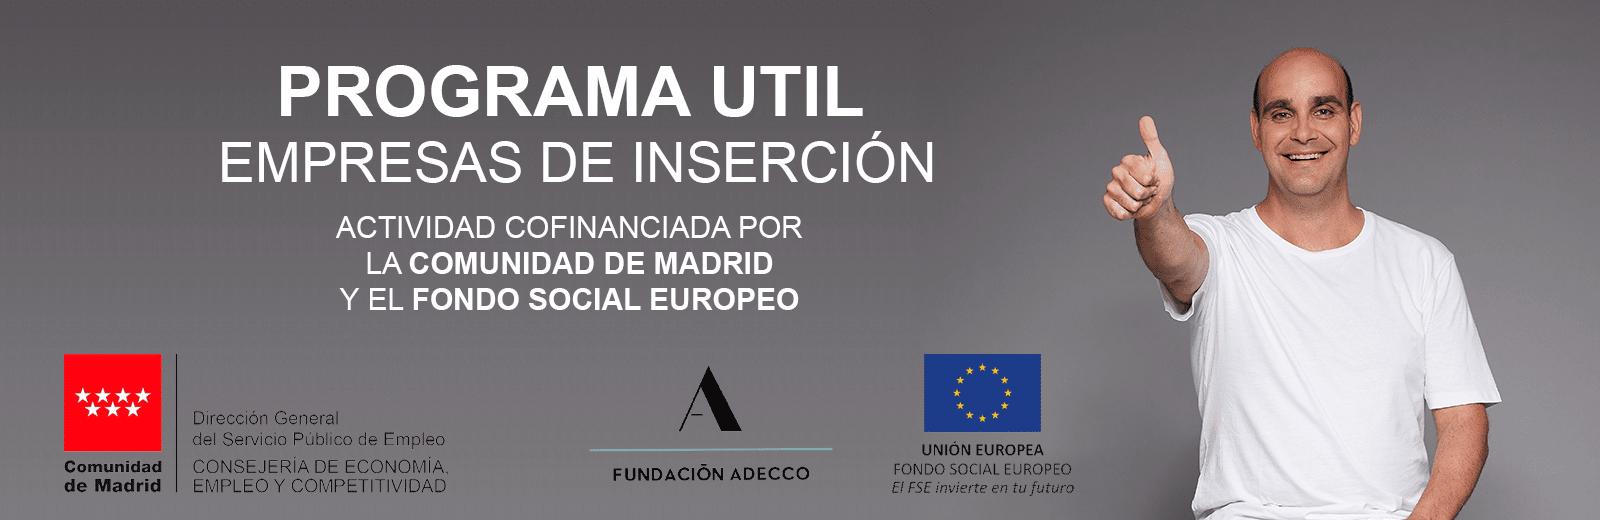 Programa UTIL 2020